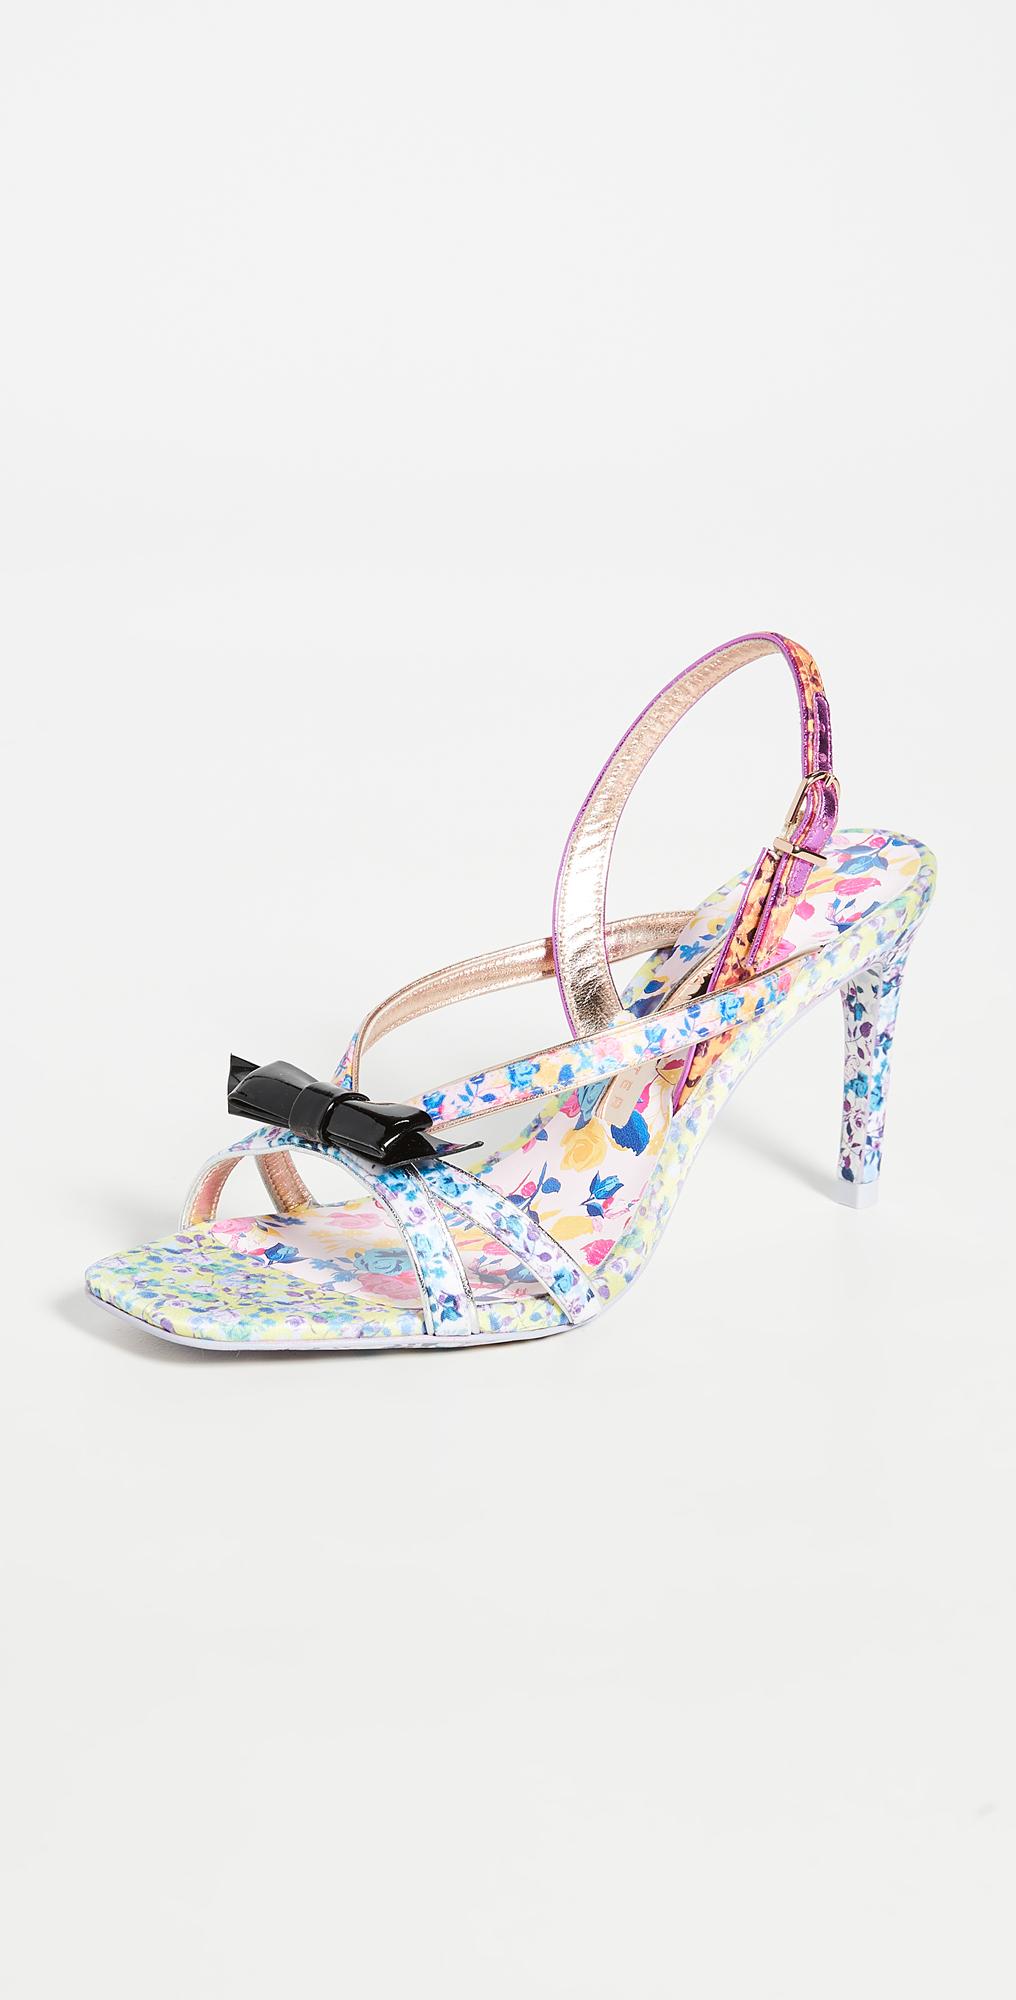 $395.00 Details about  /Sophia Webster Laurellie High Espadrilles Sandals Size 38 MSRP